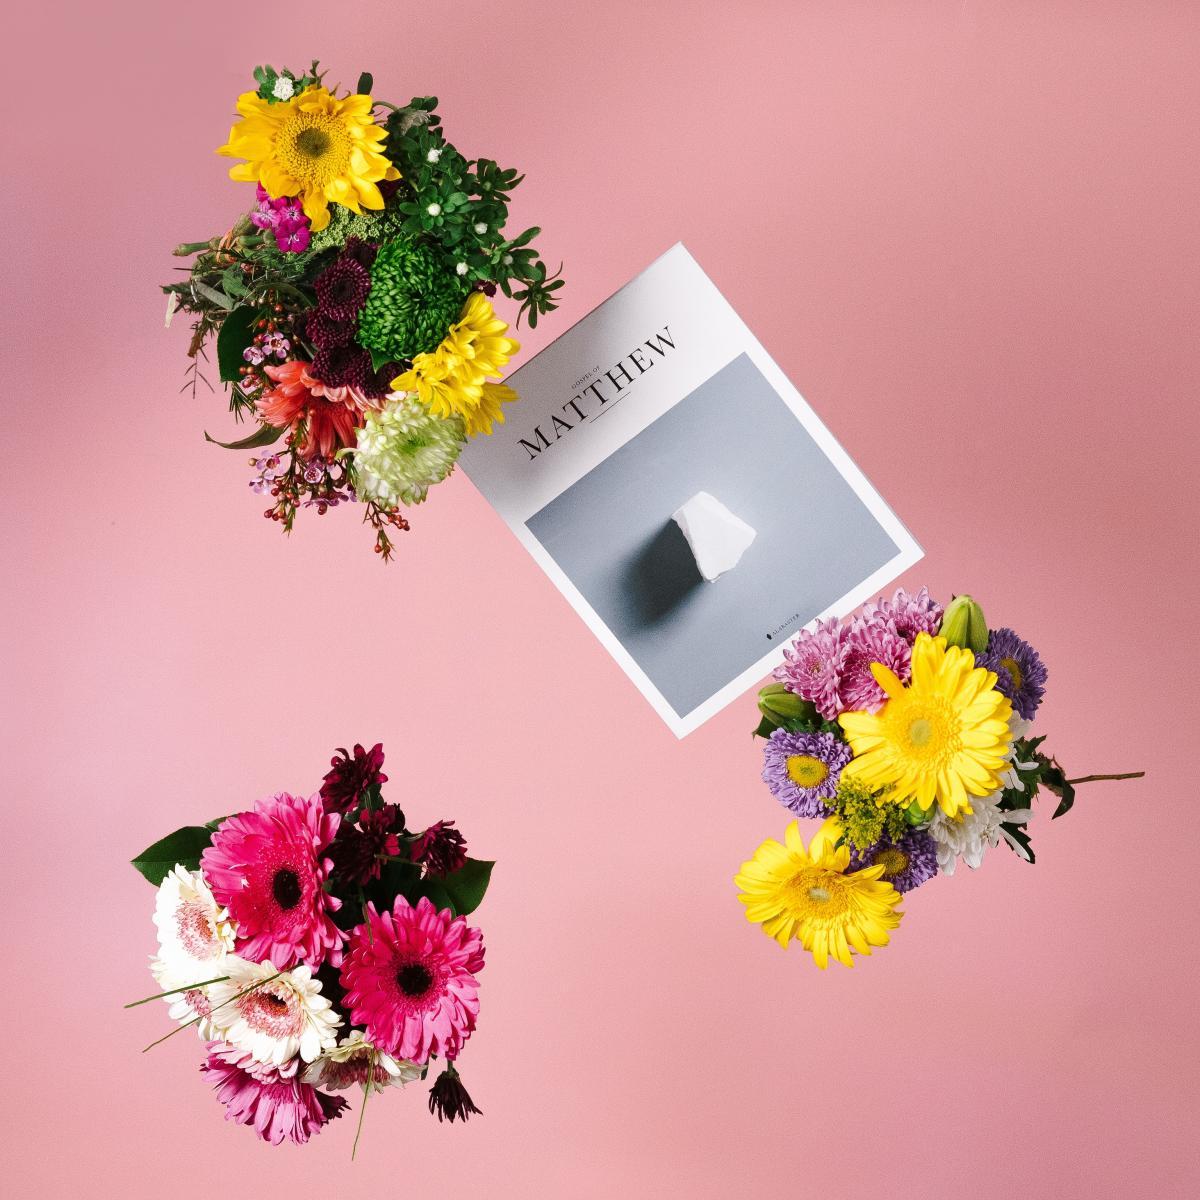 Sunflower Flower Bouquet #423822